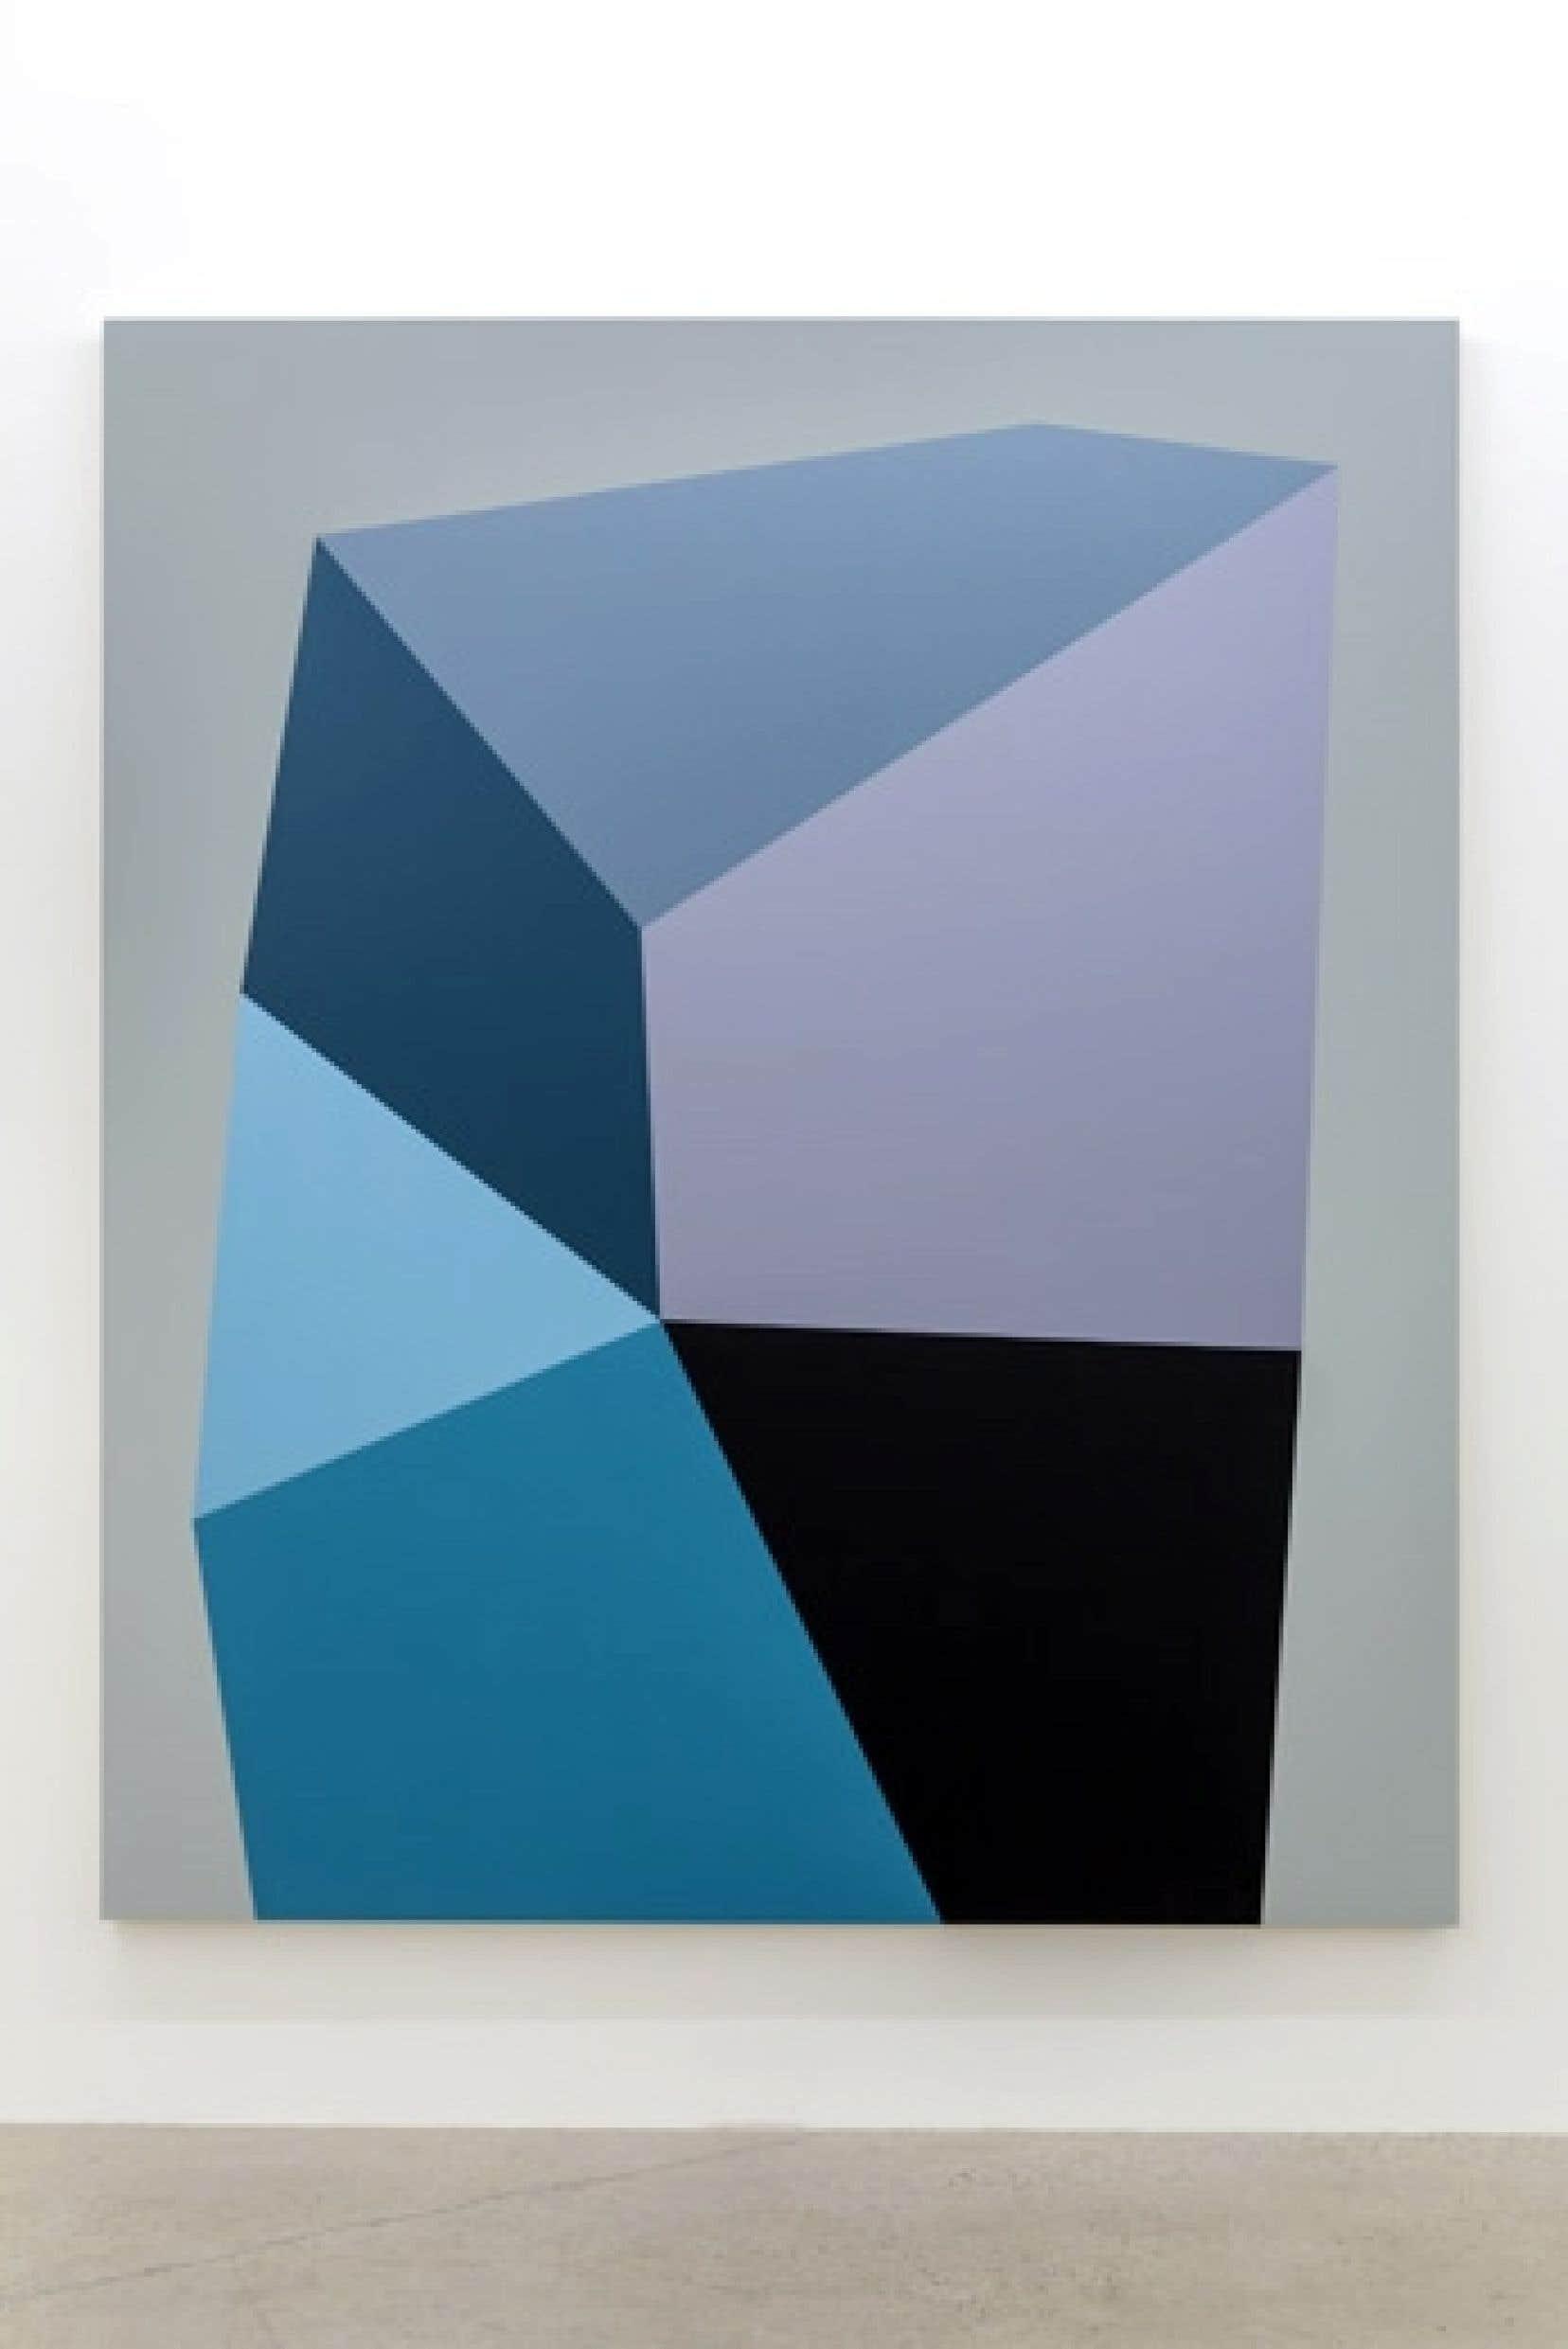 Daniel Langevin, Entrave (GC), 2013